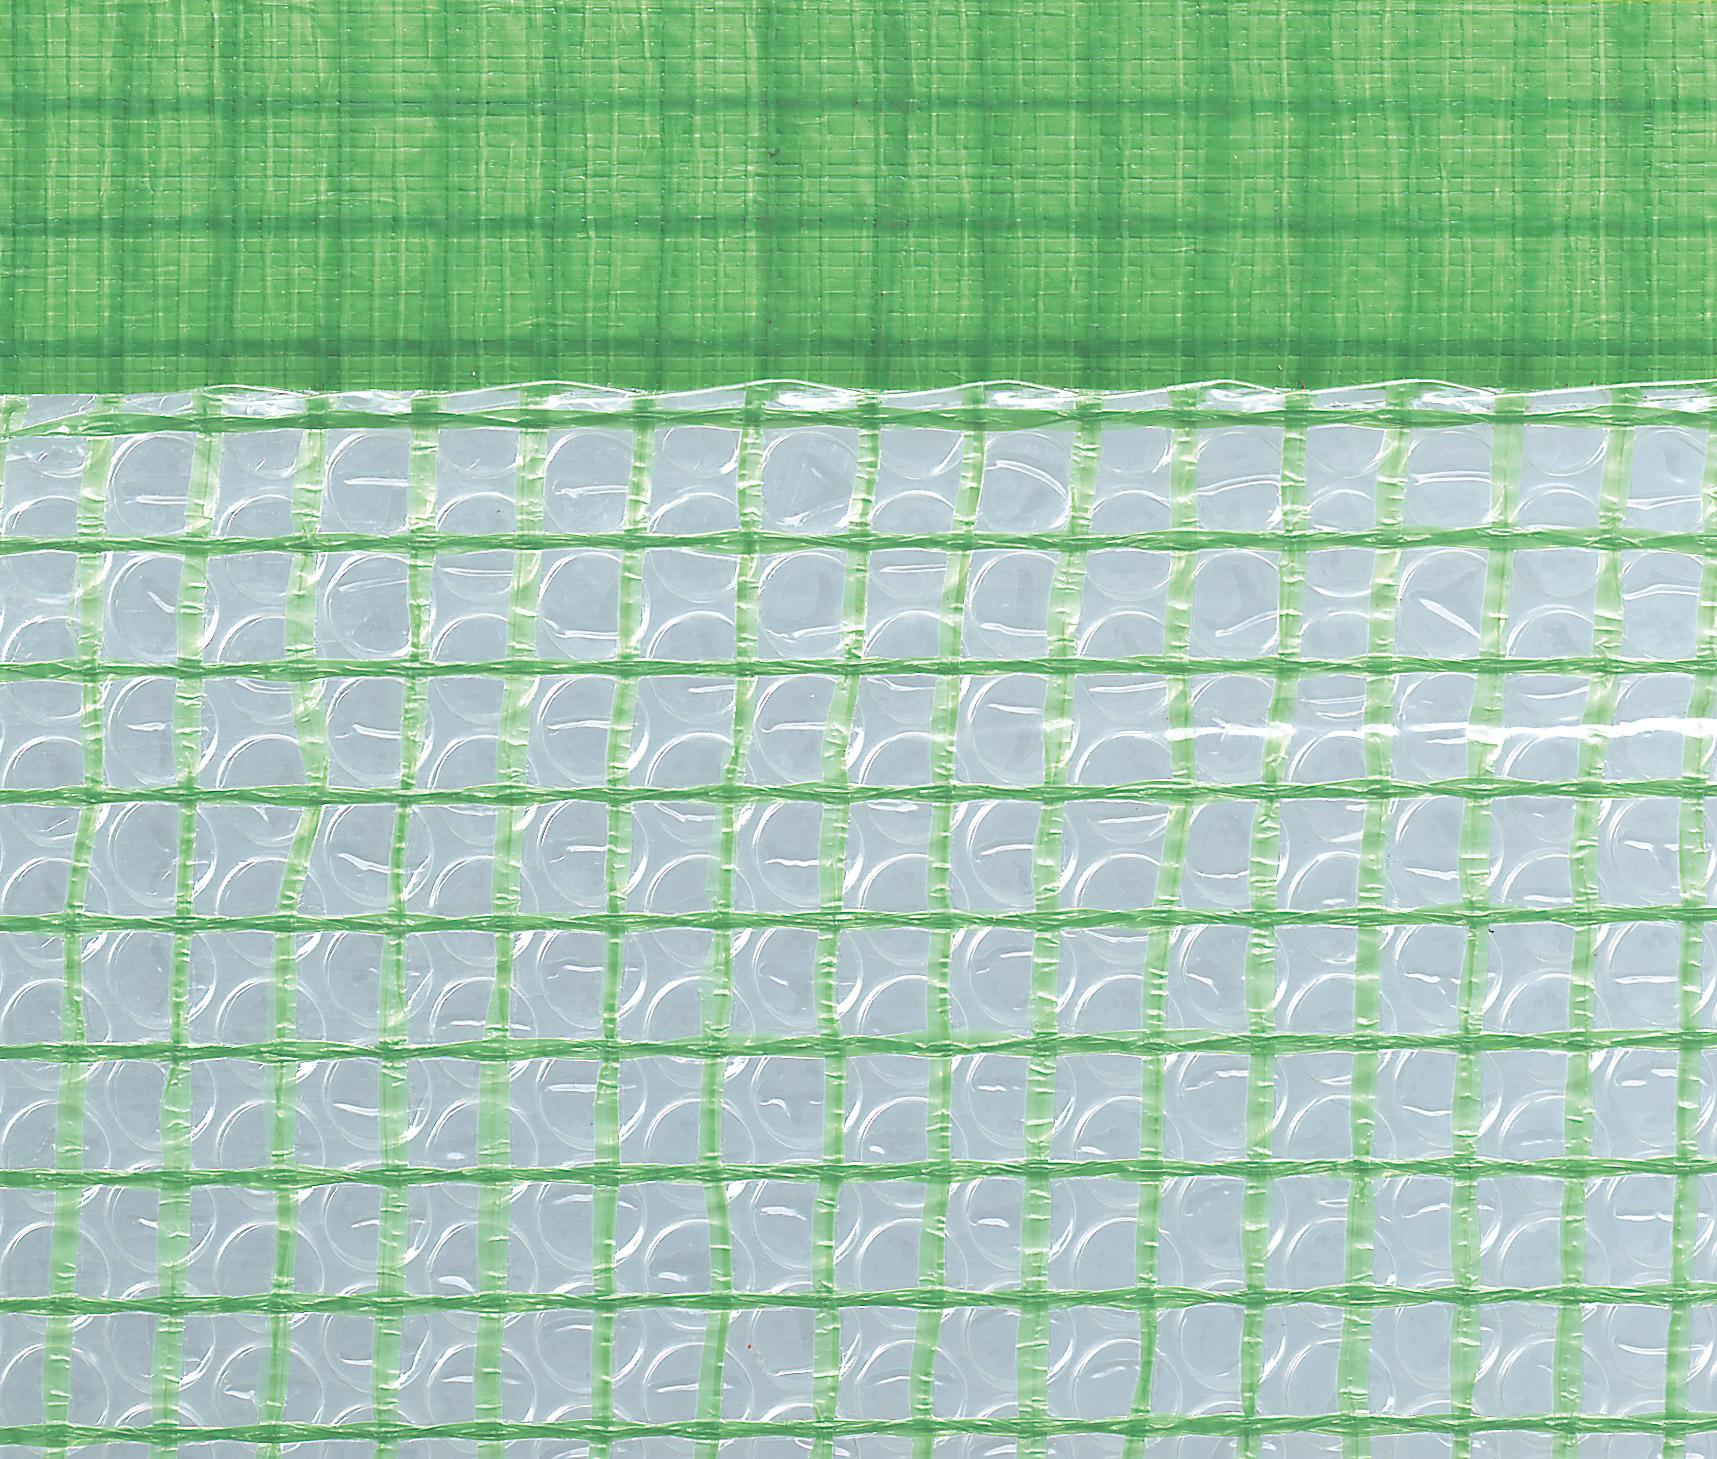 Gitterfolie mit Luftpolster und Nagelrand 1,5 x 25 m Rolle